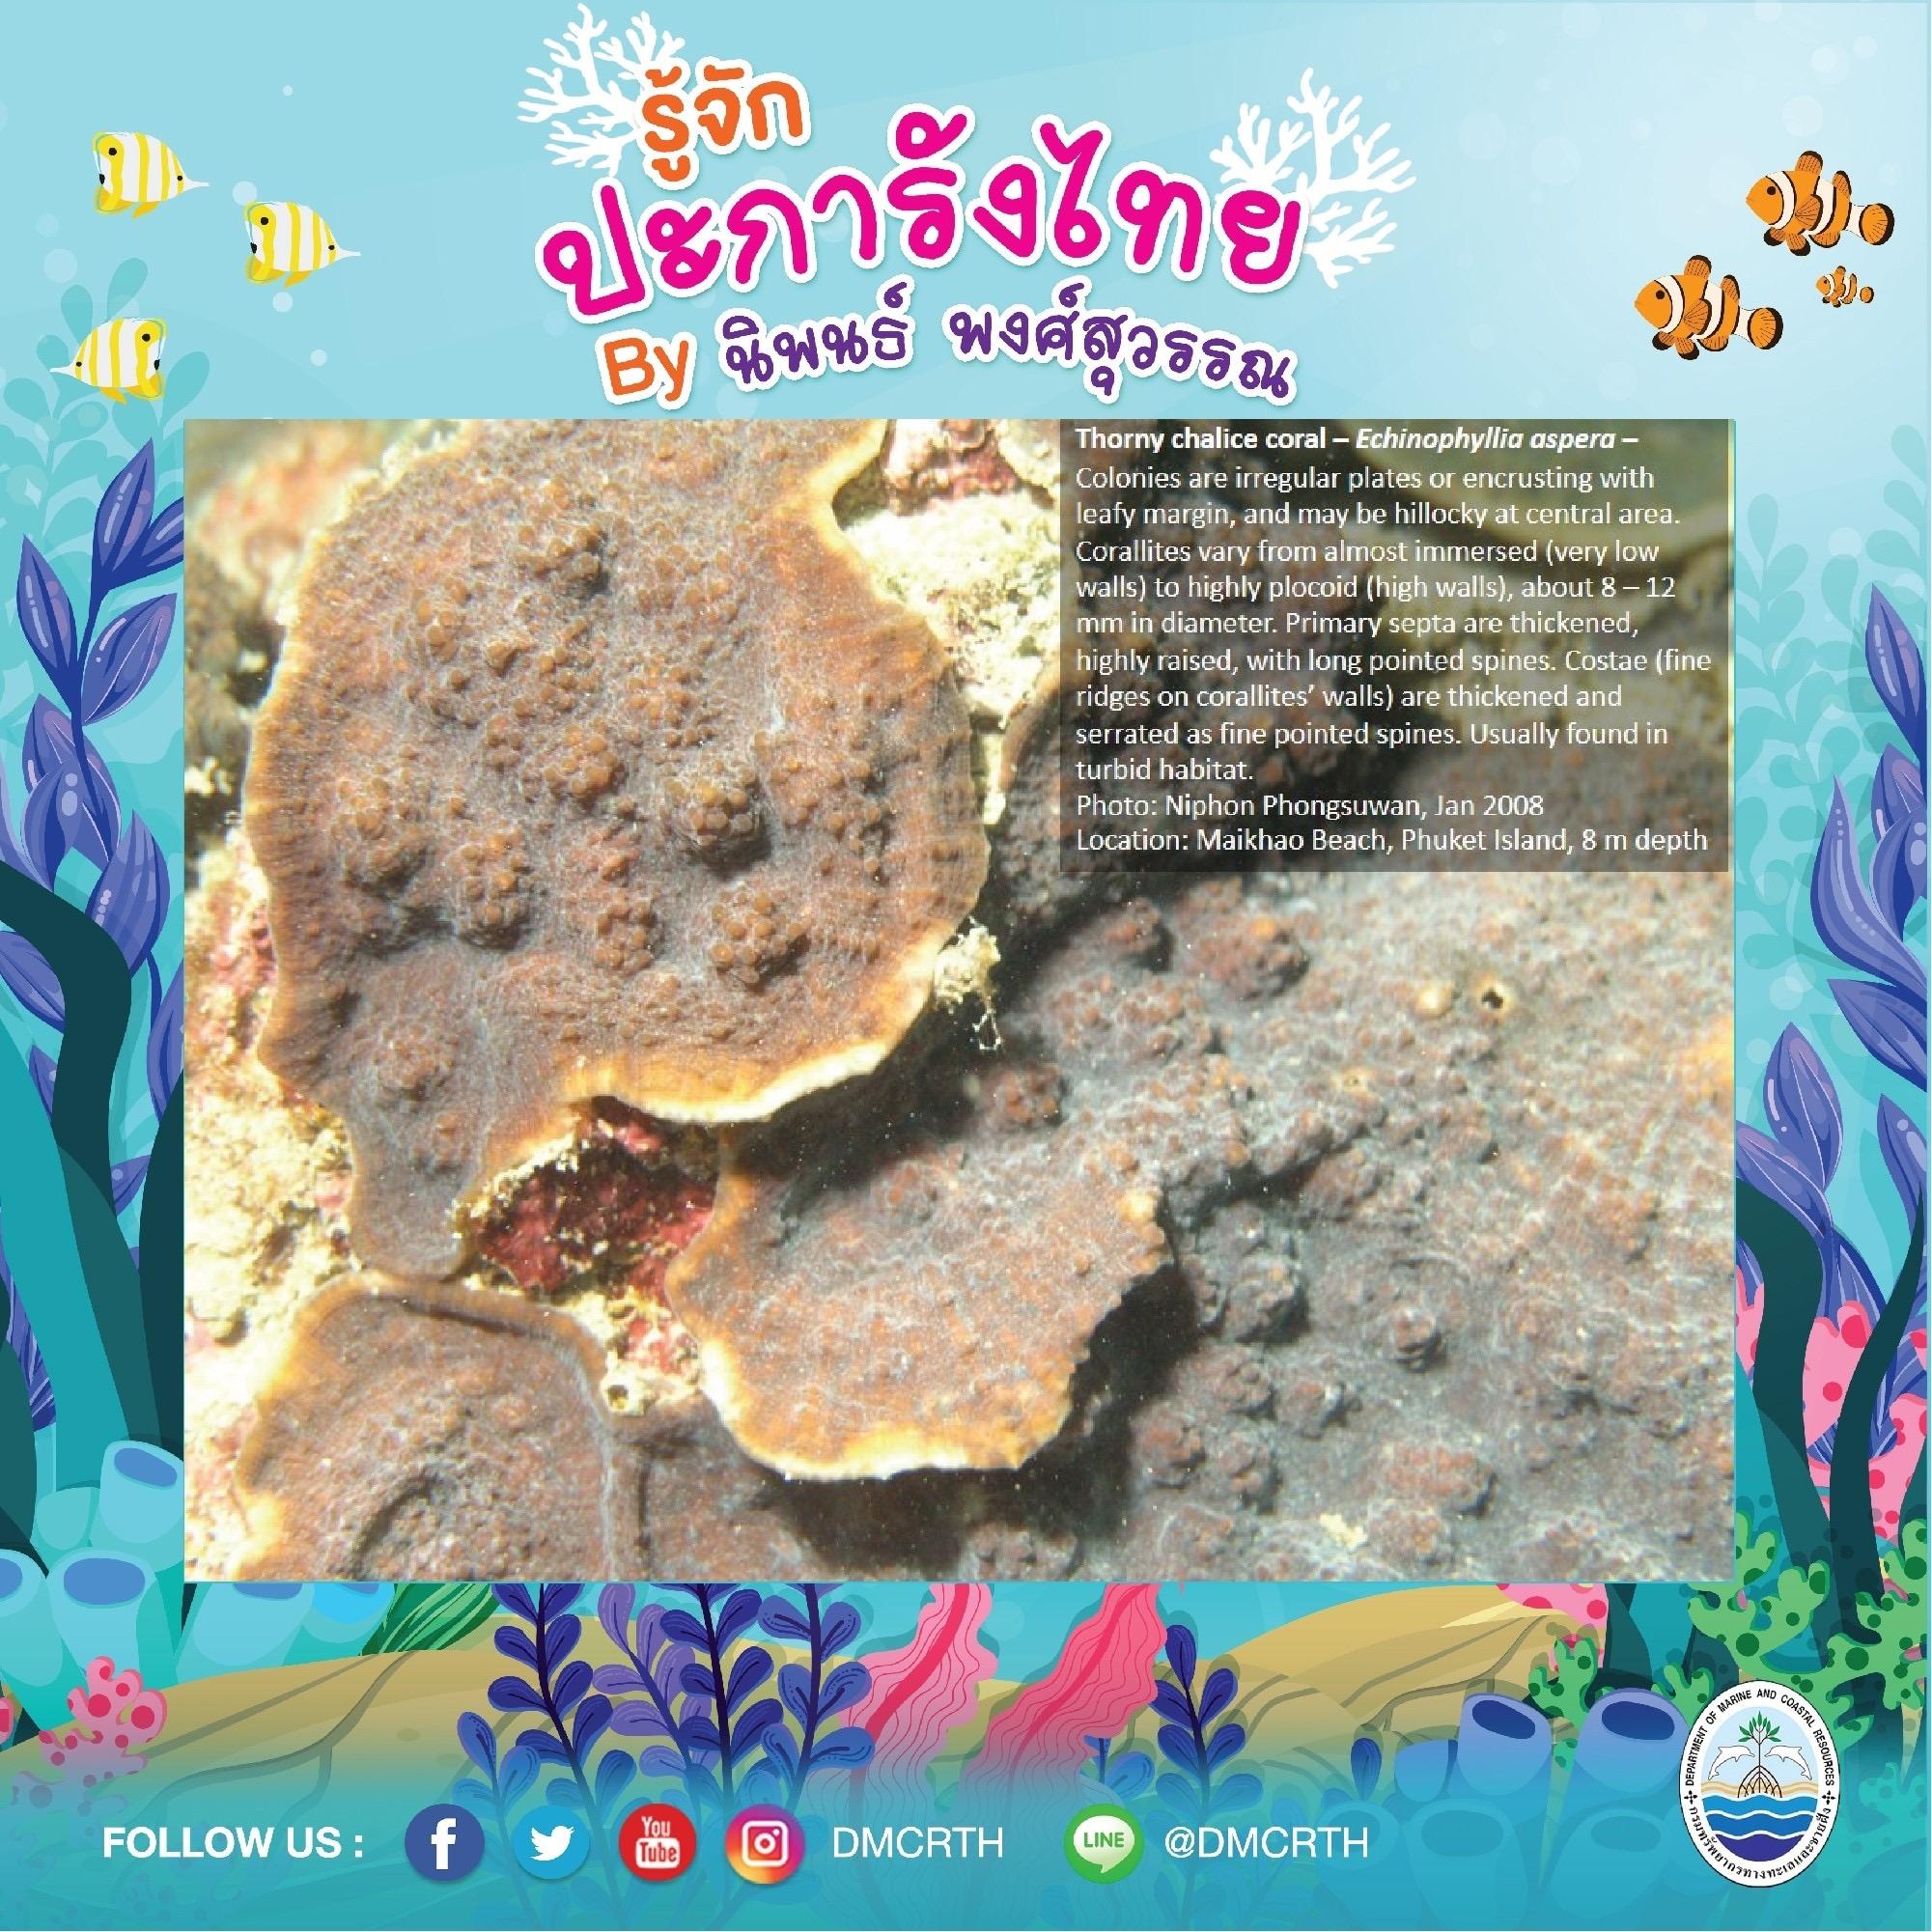 พาท่องโลกใต้ทะเล ทำความรู้จักปะการังวันละตัว #๙๓